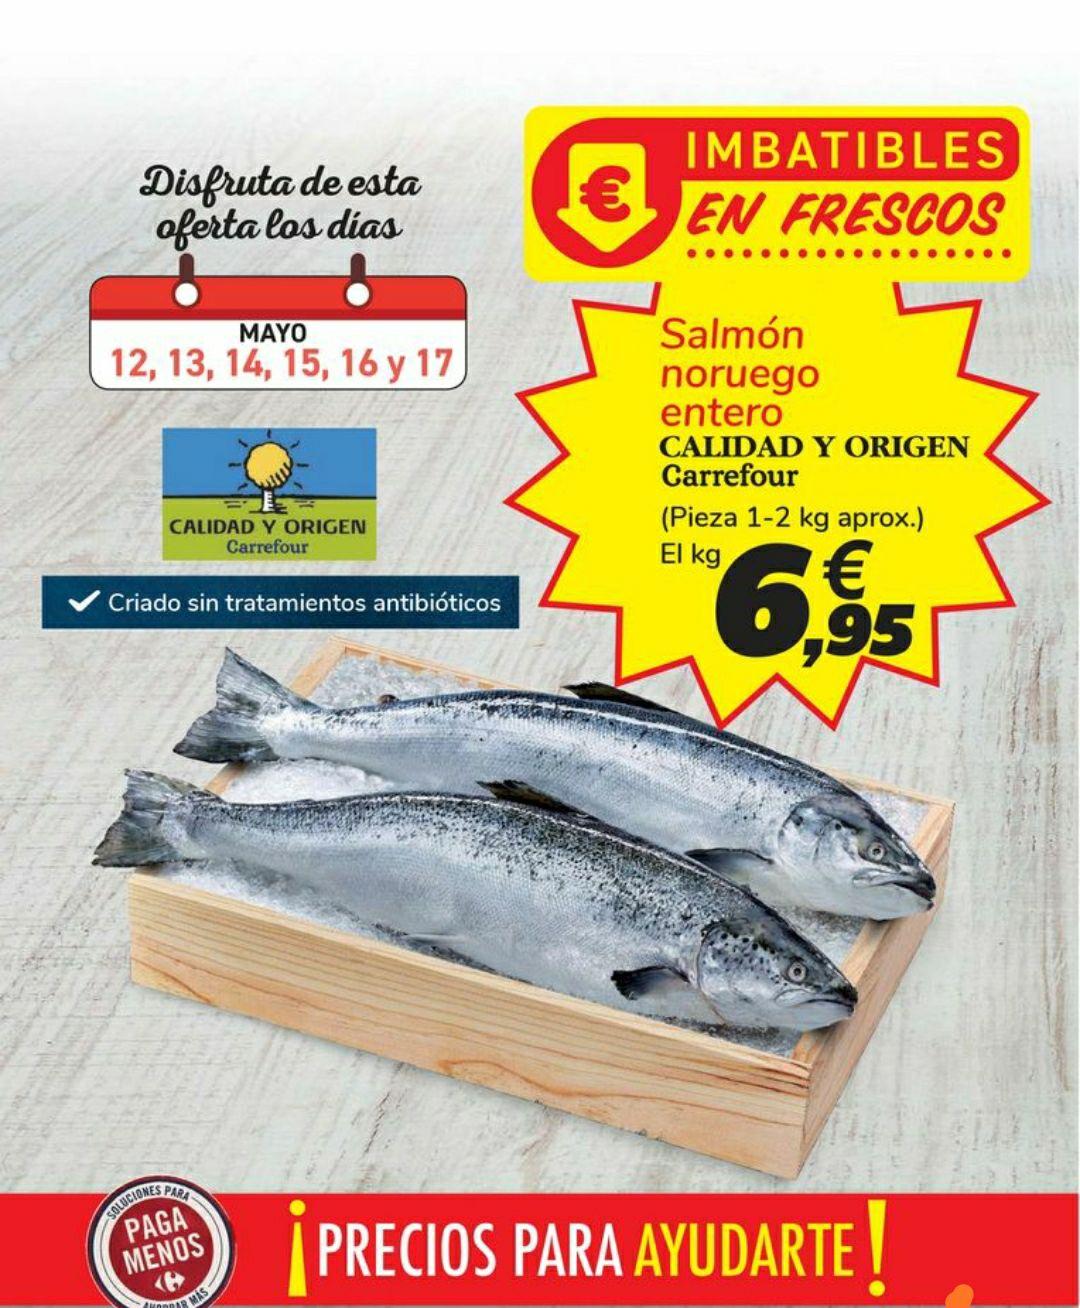 Salmón entero a 6,95€/kg en Carrefour